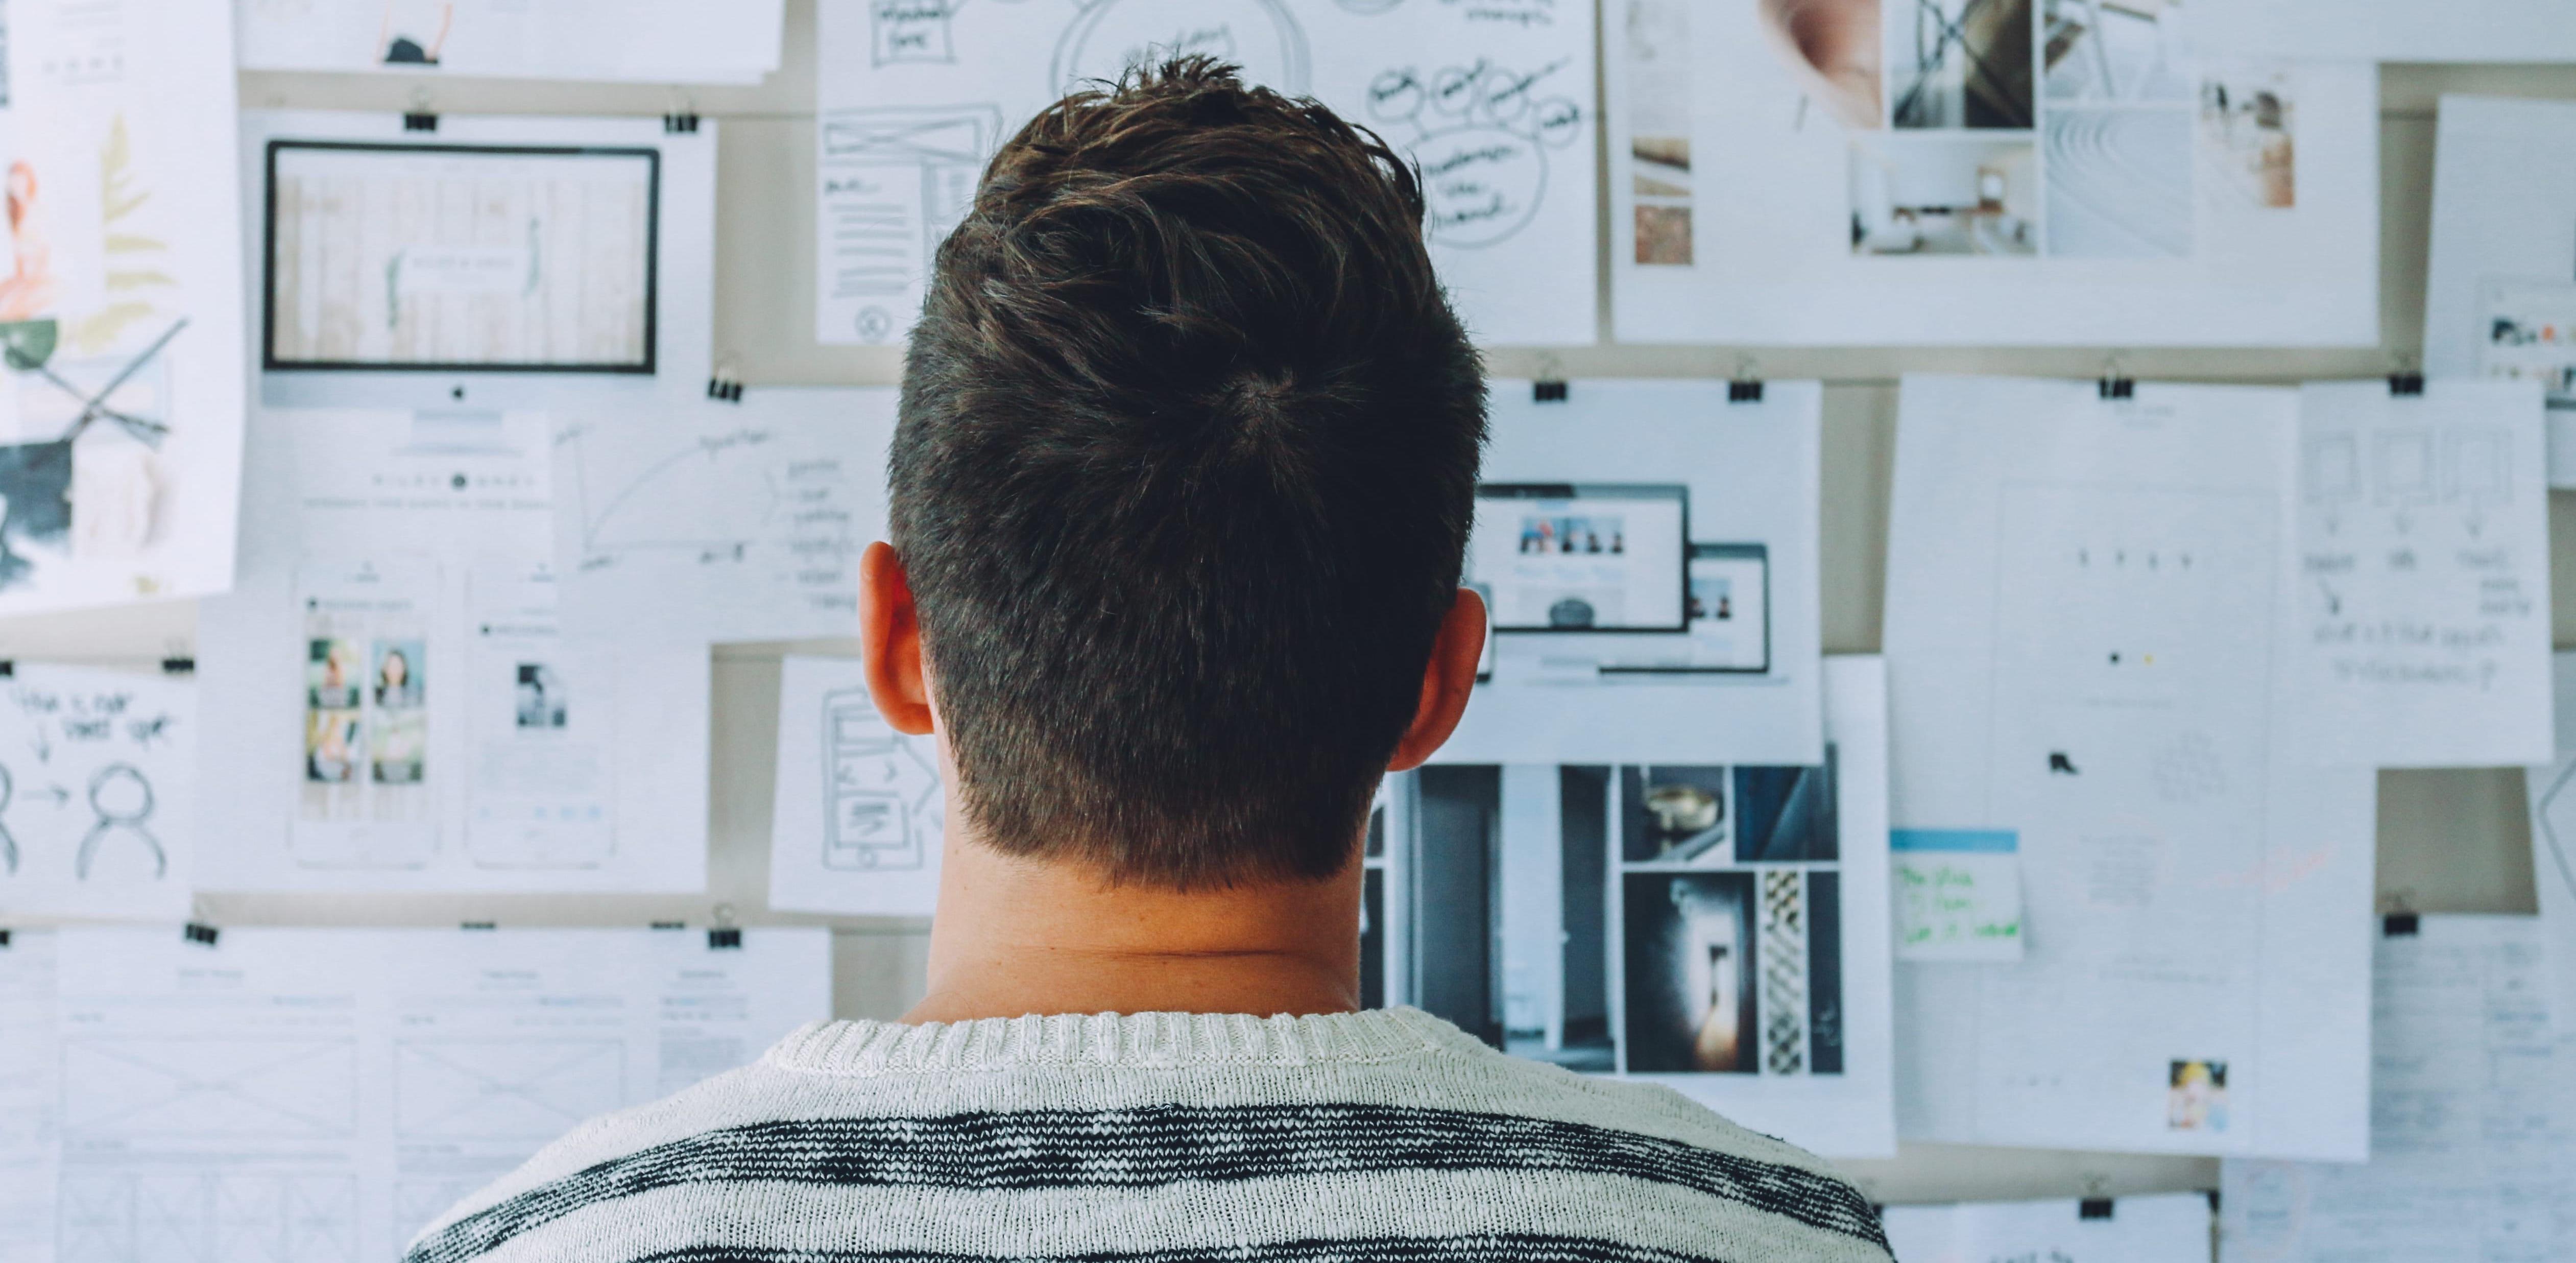 engager-une-assistante-virtuelle-pour-son-business-delegation-et-formation